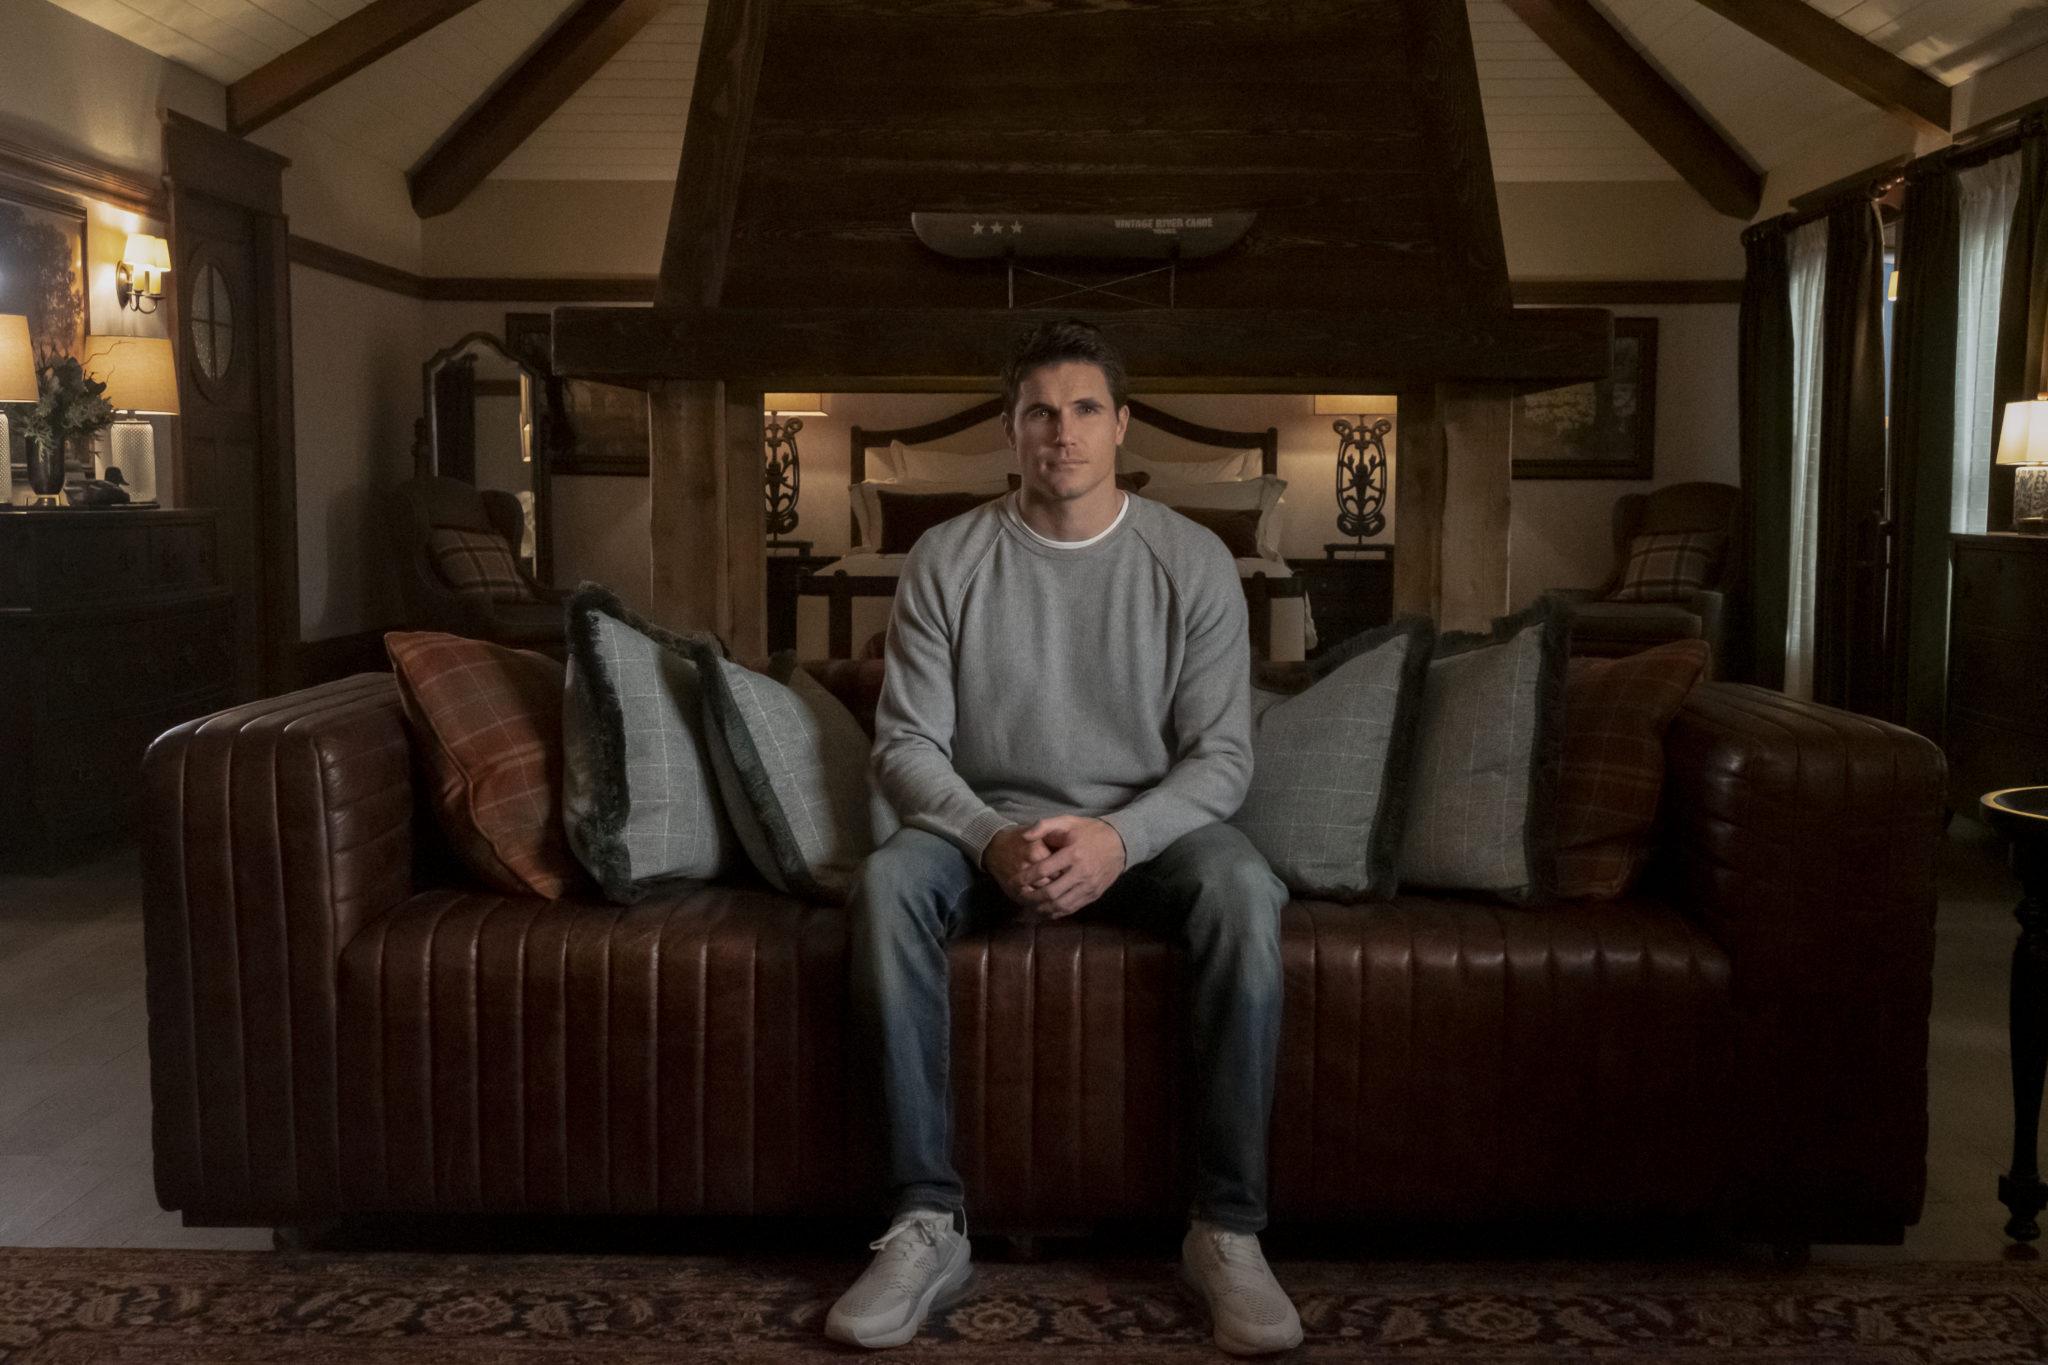 Nathan sitzt nachdenklich auf seiner Couch in seinem schönen, neuen Heim im Lake View Resort in Upload